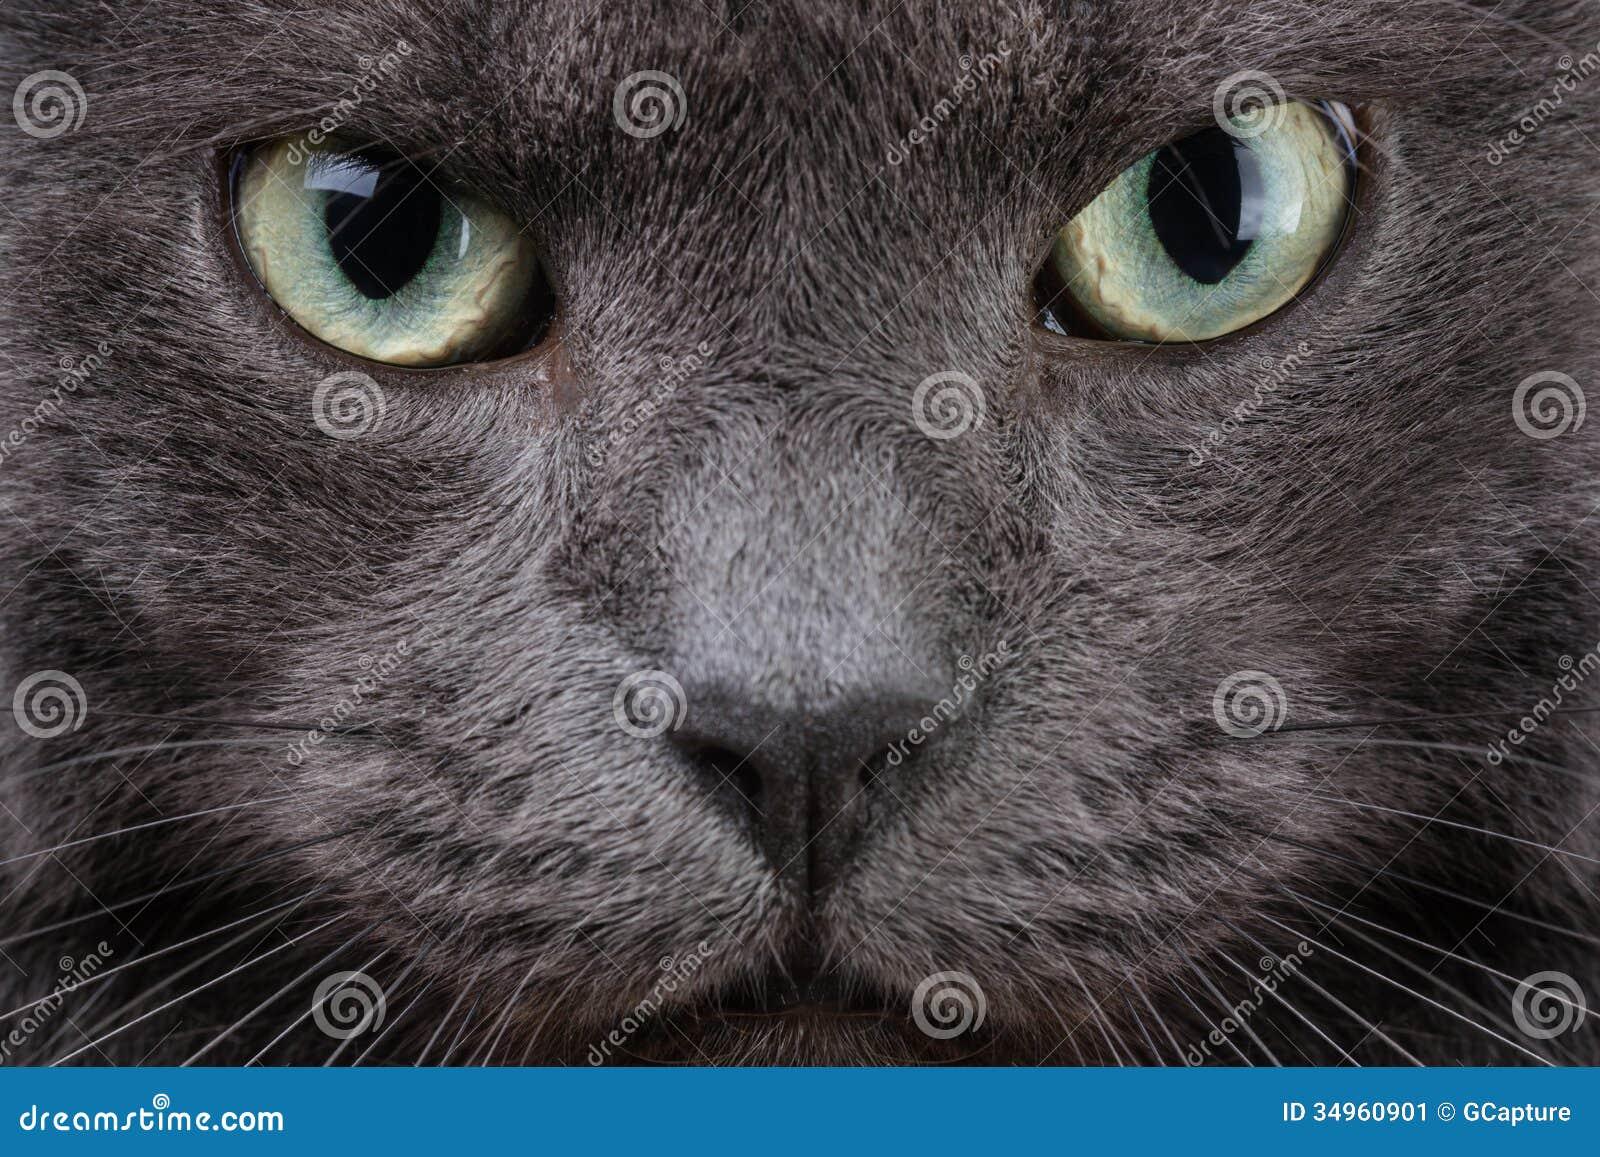 Close up portrait of british cat